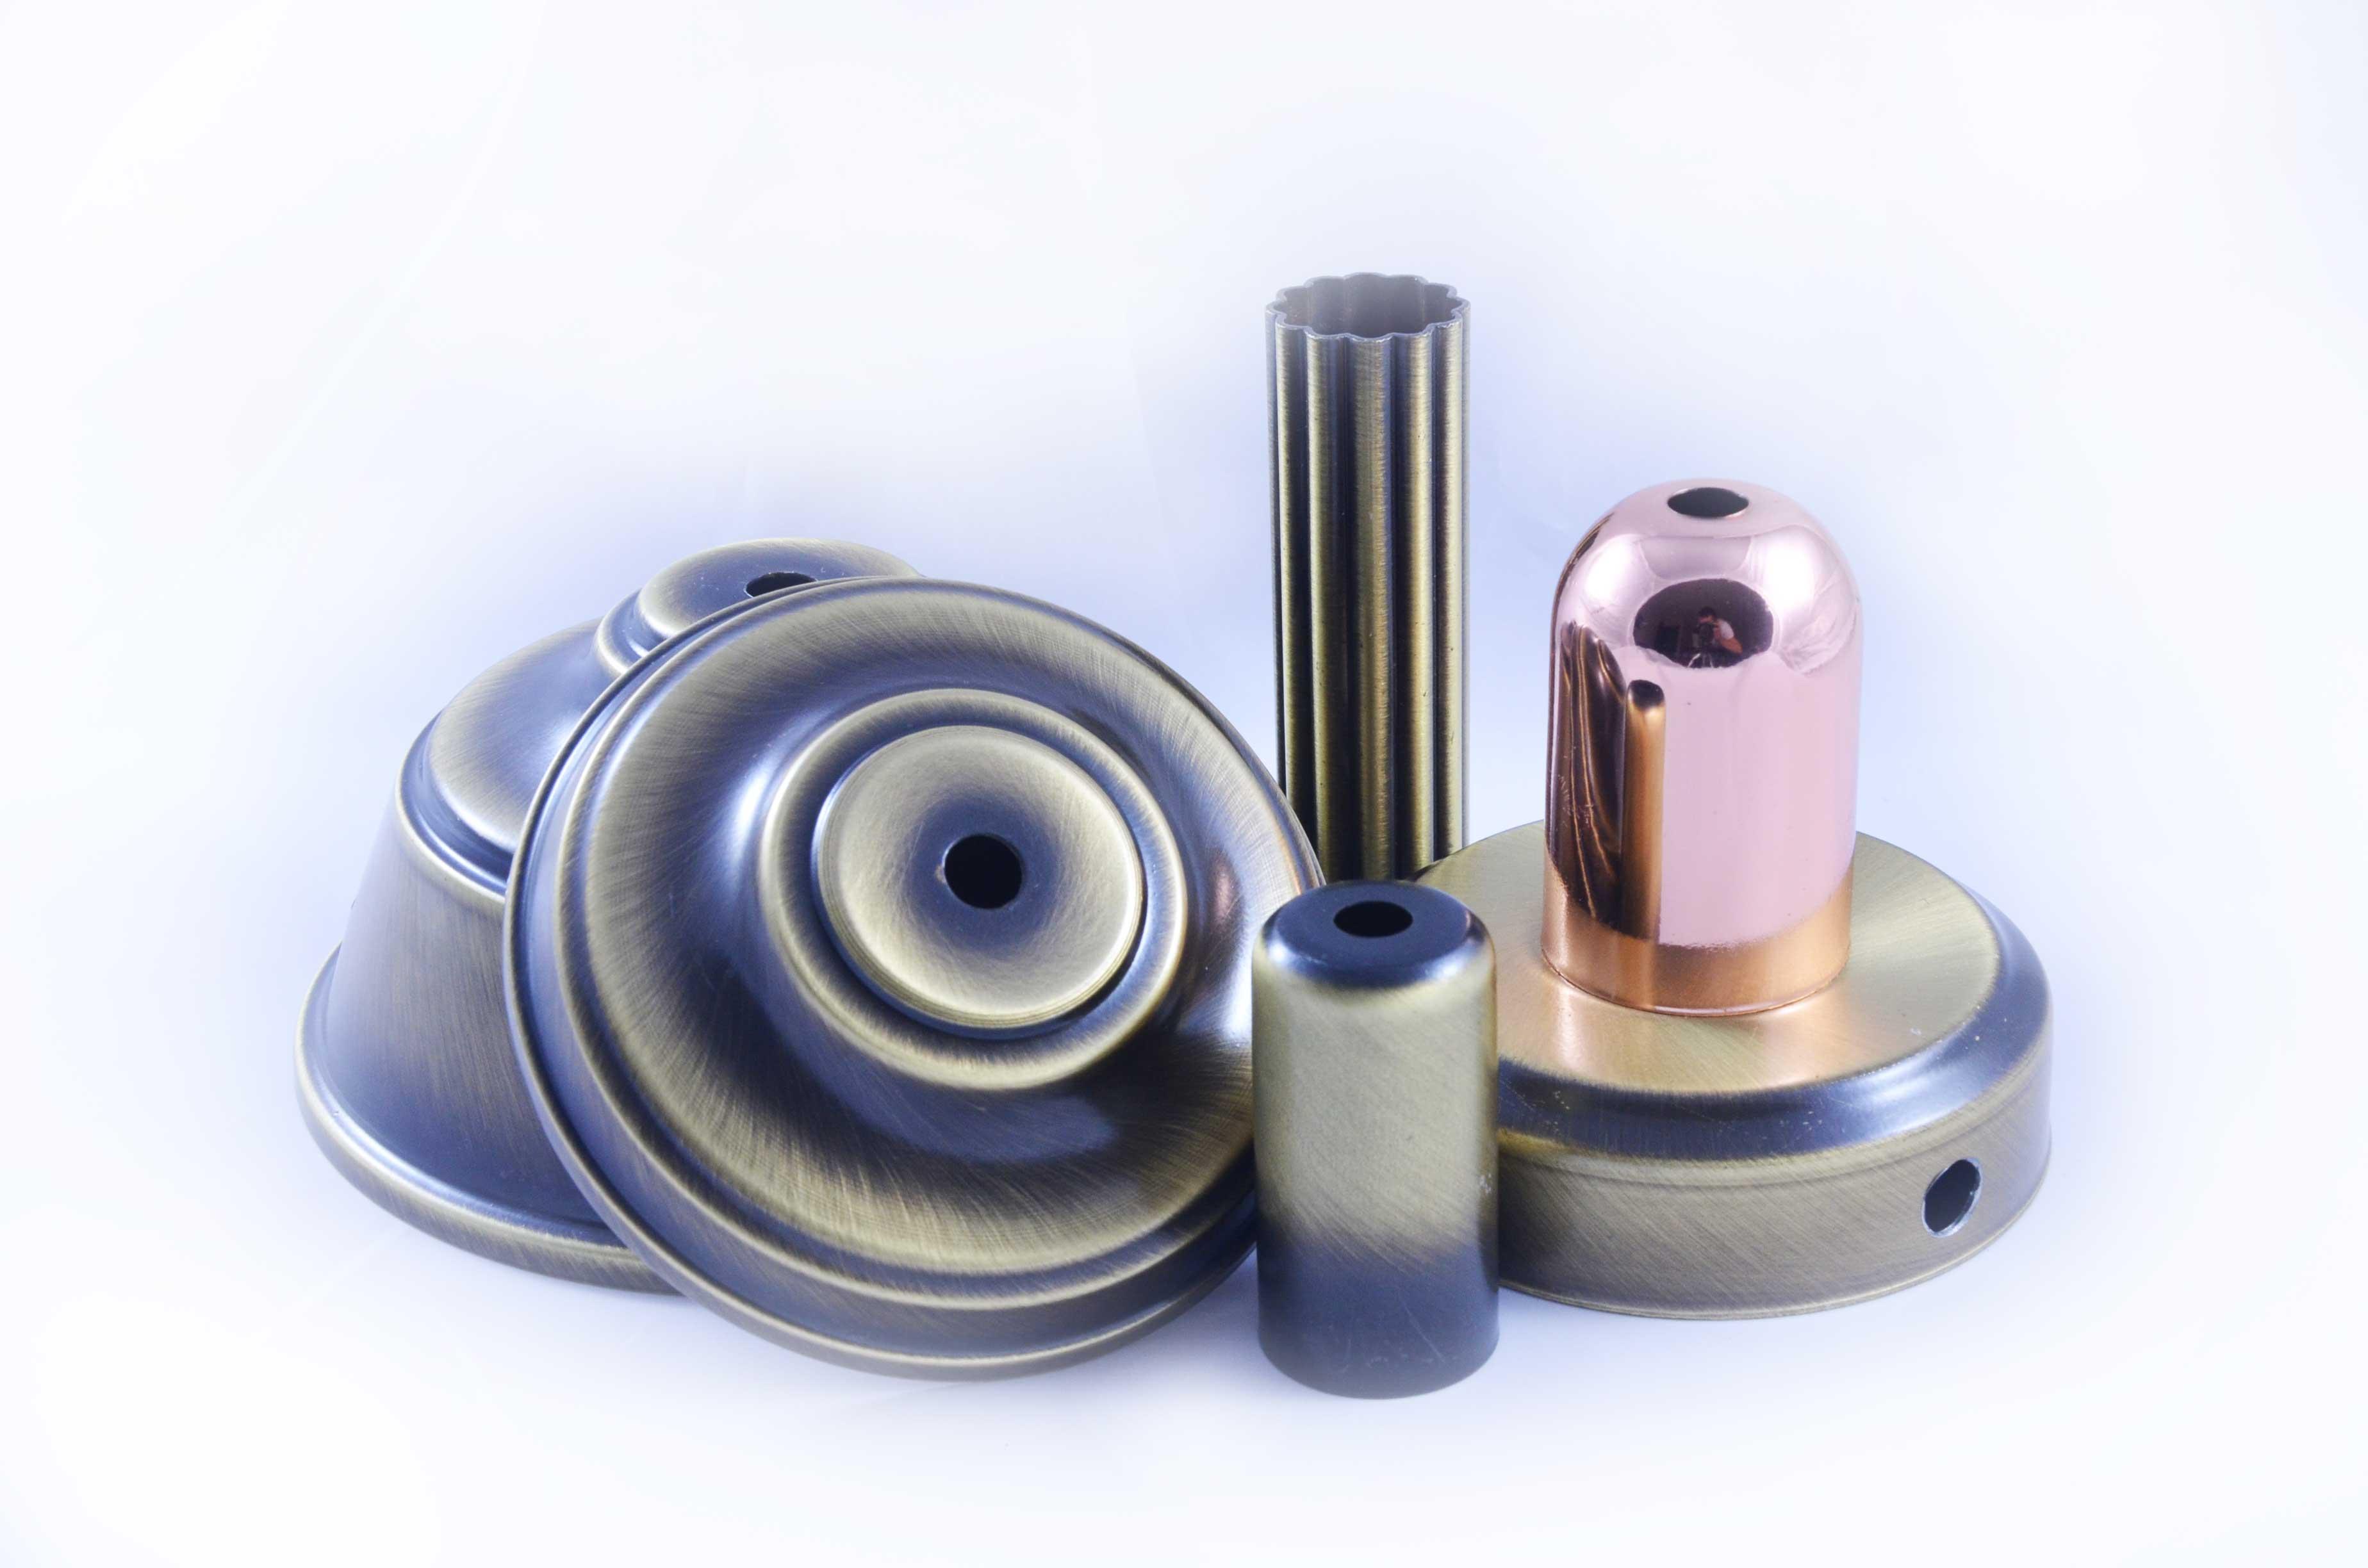 galwanizernia, galwanizacja, niklowanie, mosiądzowanie, miedziowanie, szlifowanie i polerowanie metali